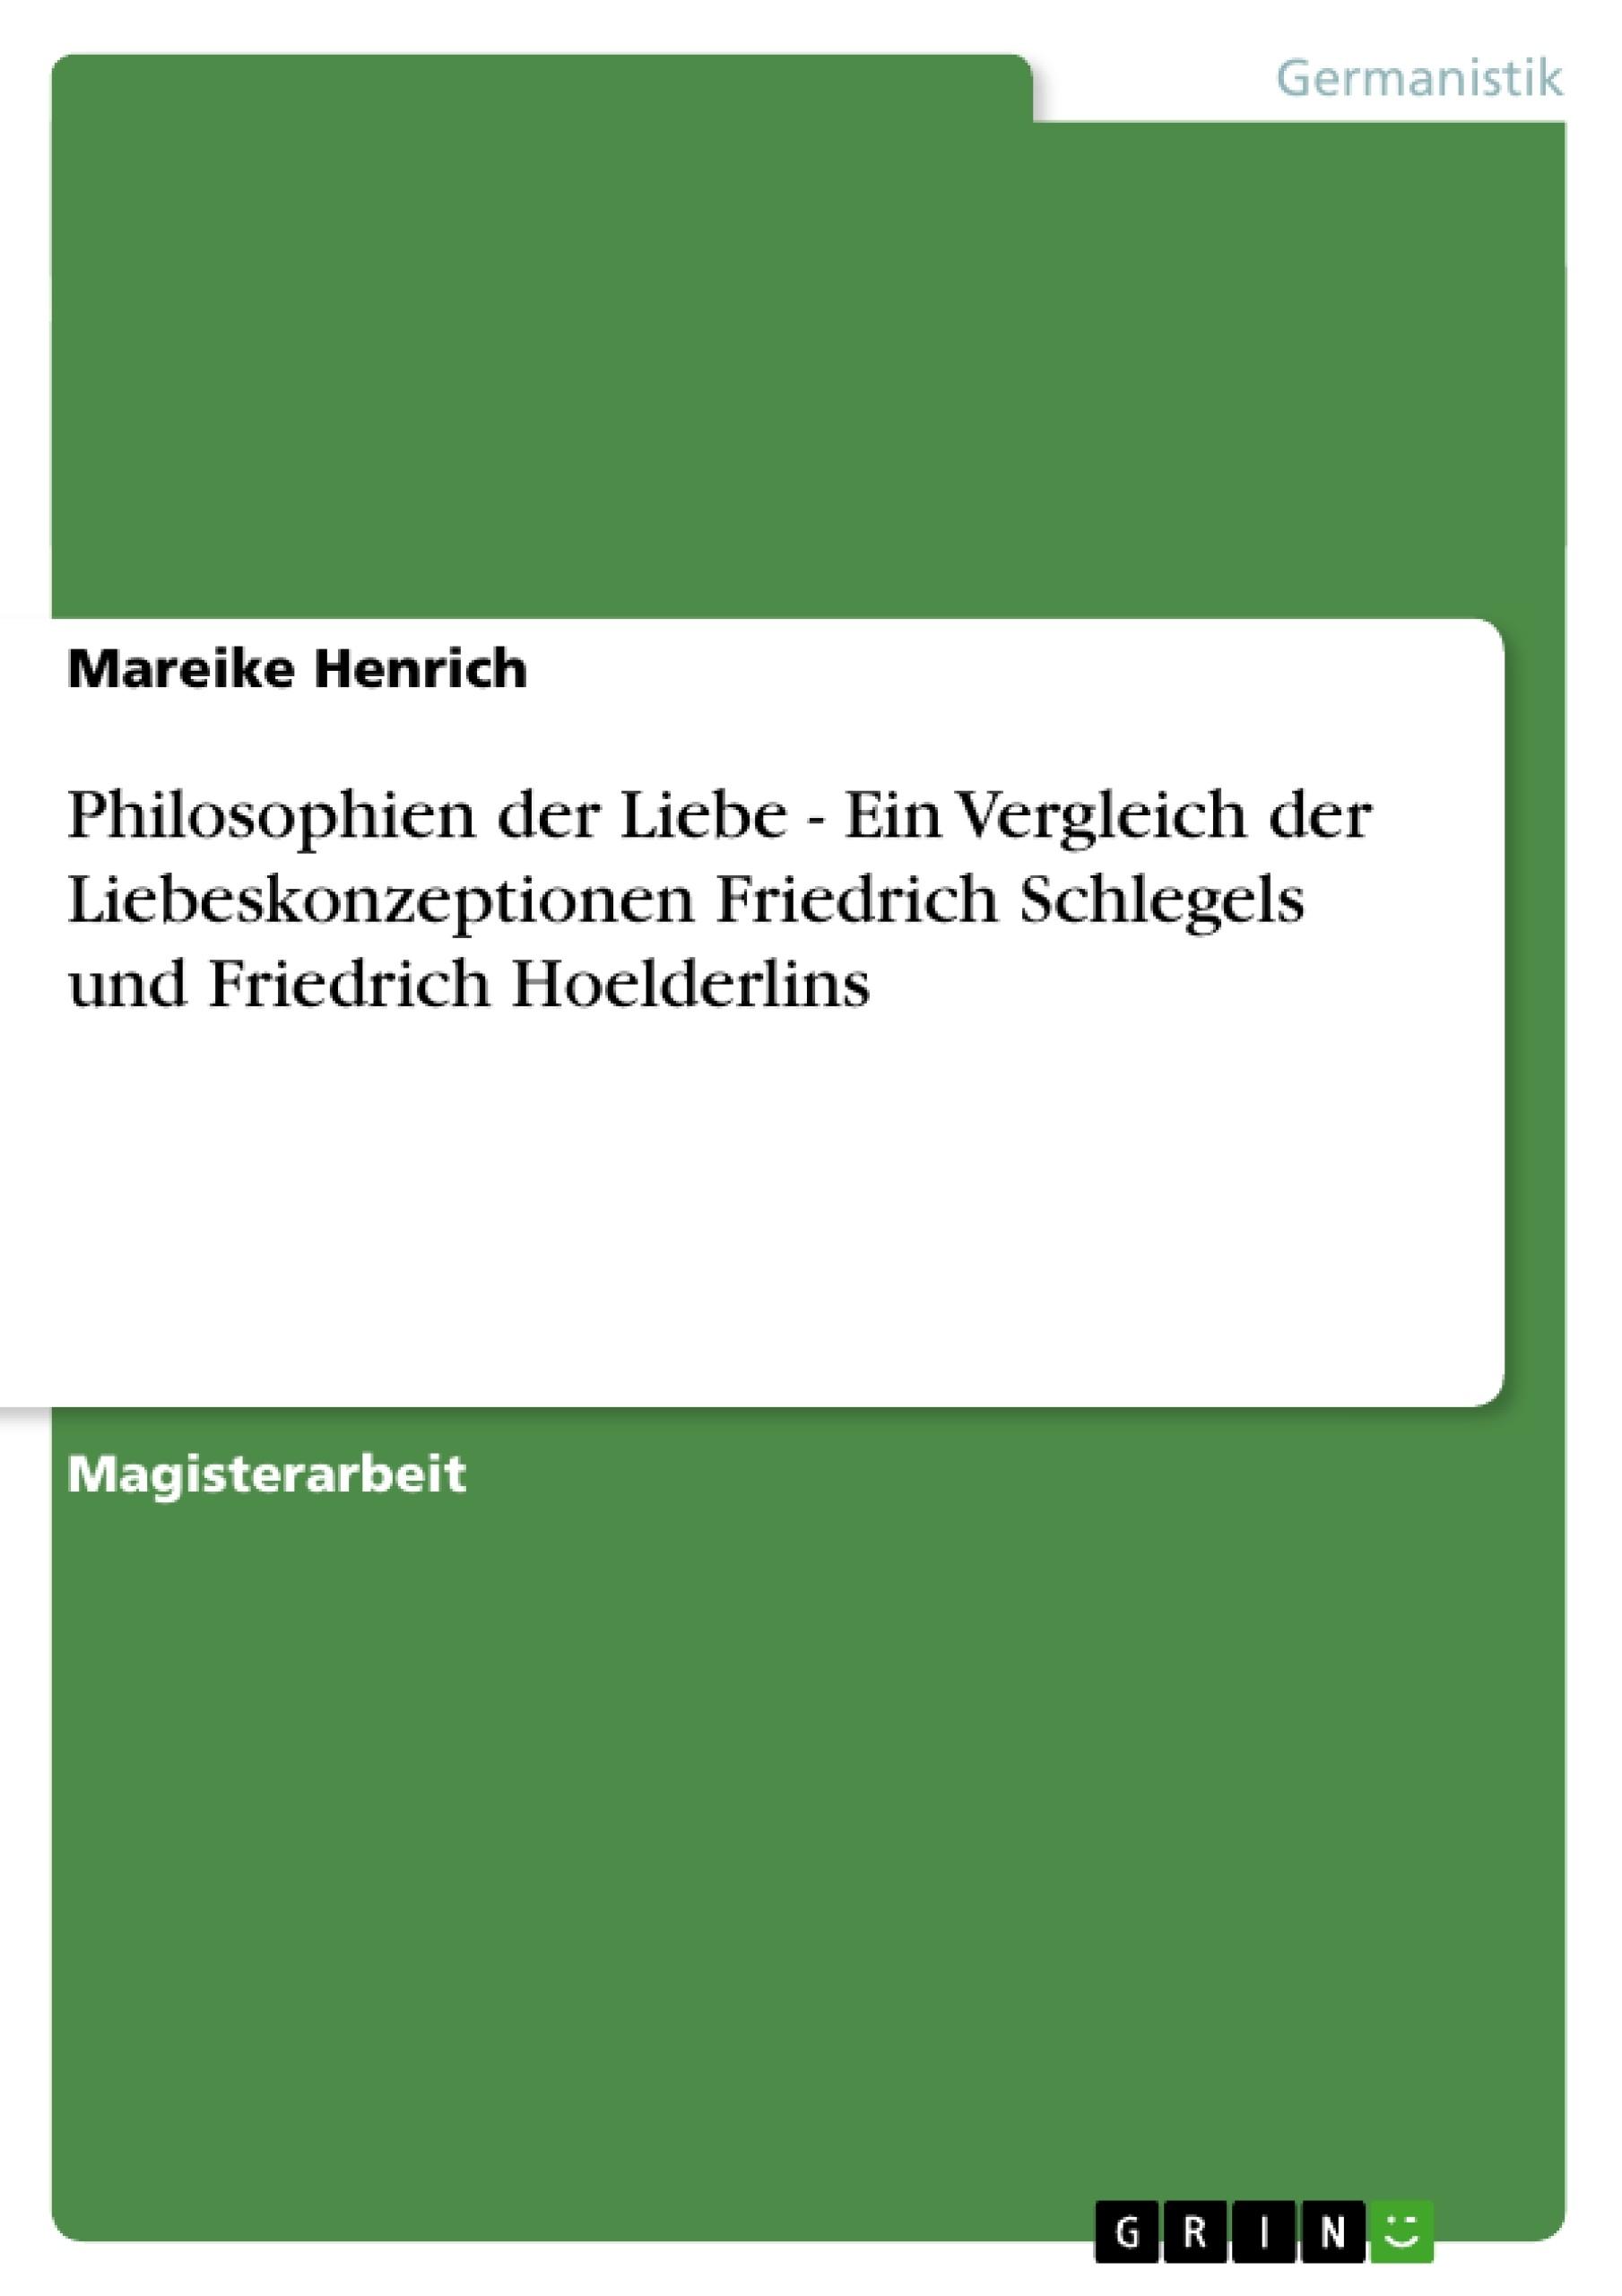 Titel: Philosophien der Liebe - Ein Vergleich der Liebeskonzeptionen Friedrich Schlegels und Friedrich Hoelderlins